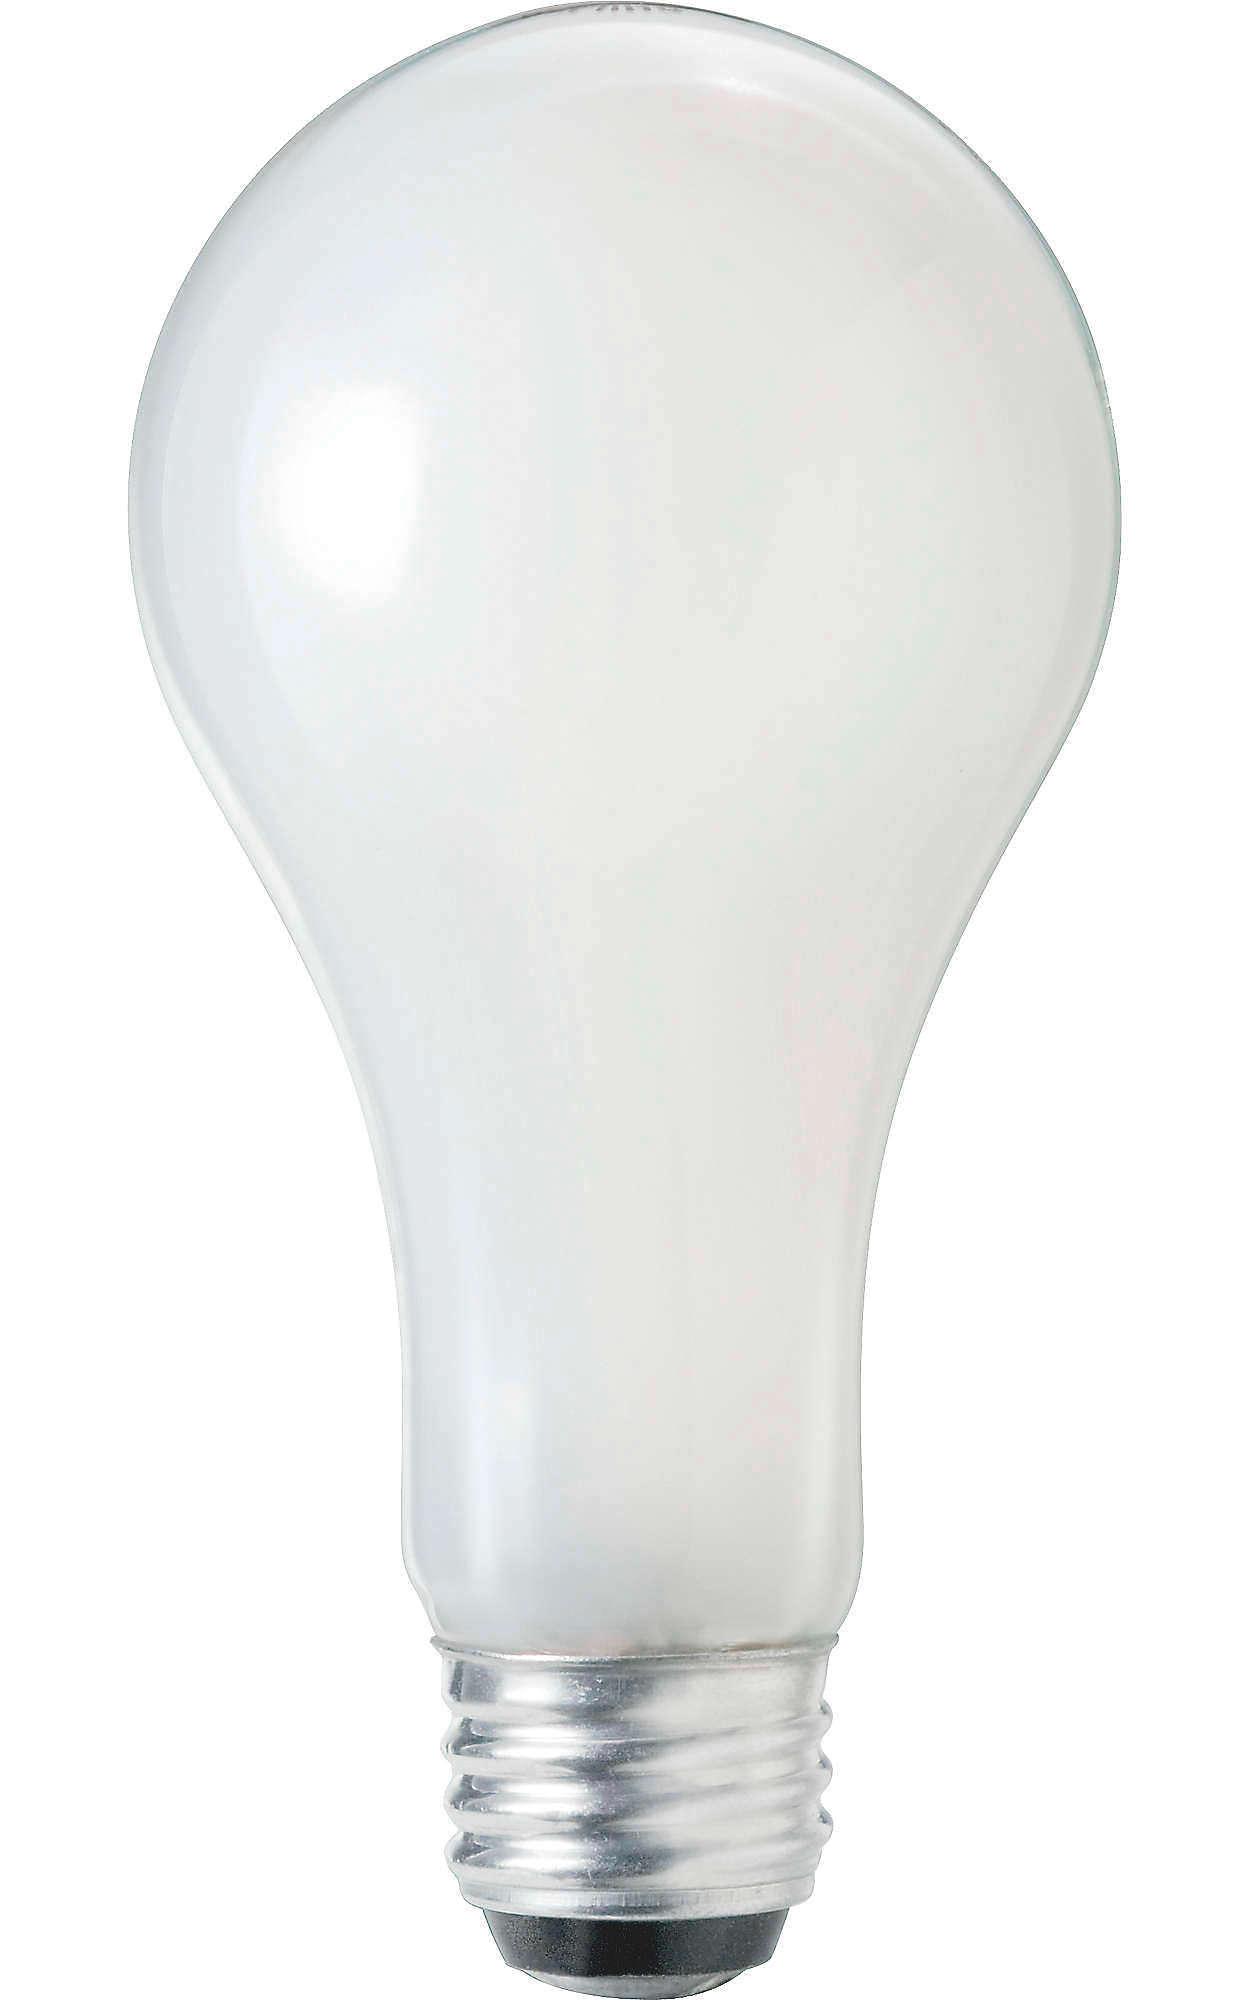 Ampoules avec revêtement de silicone à construction renforcée